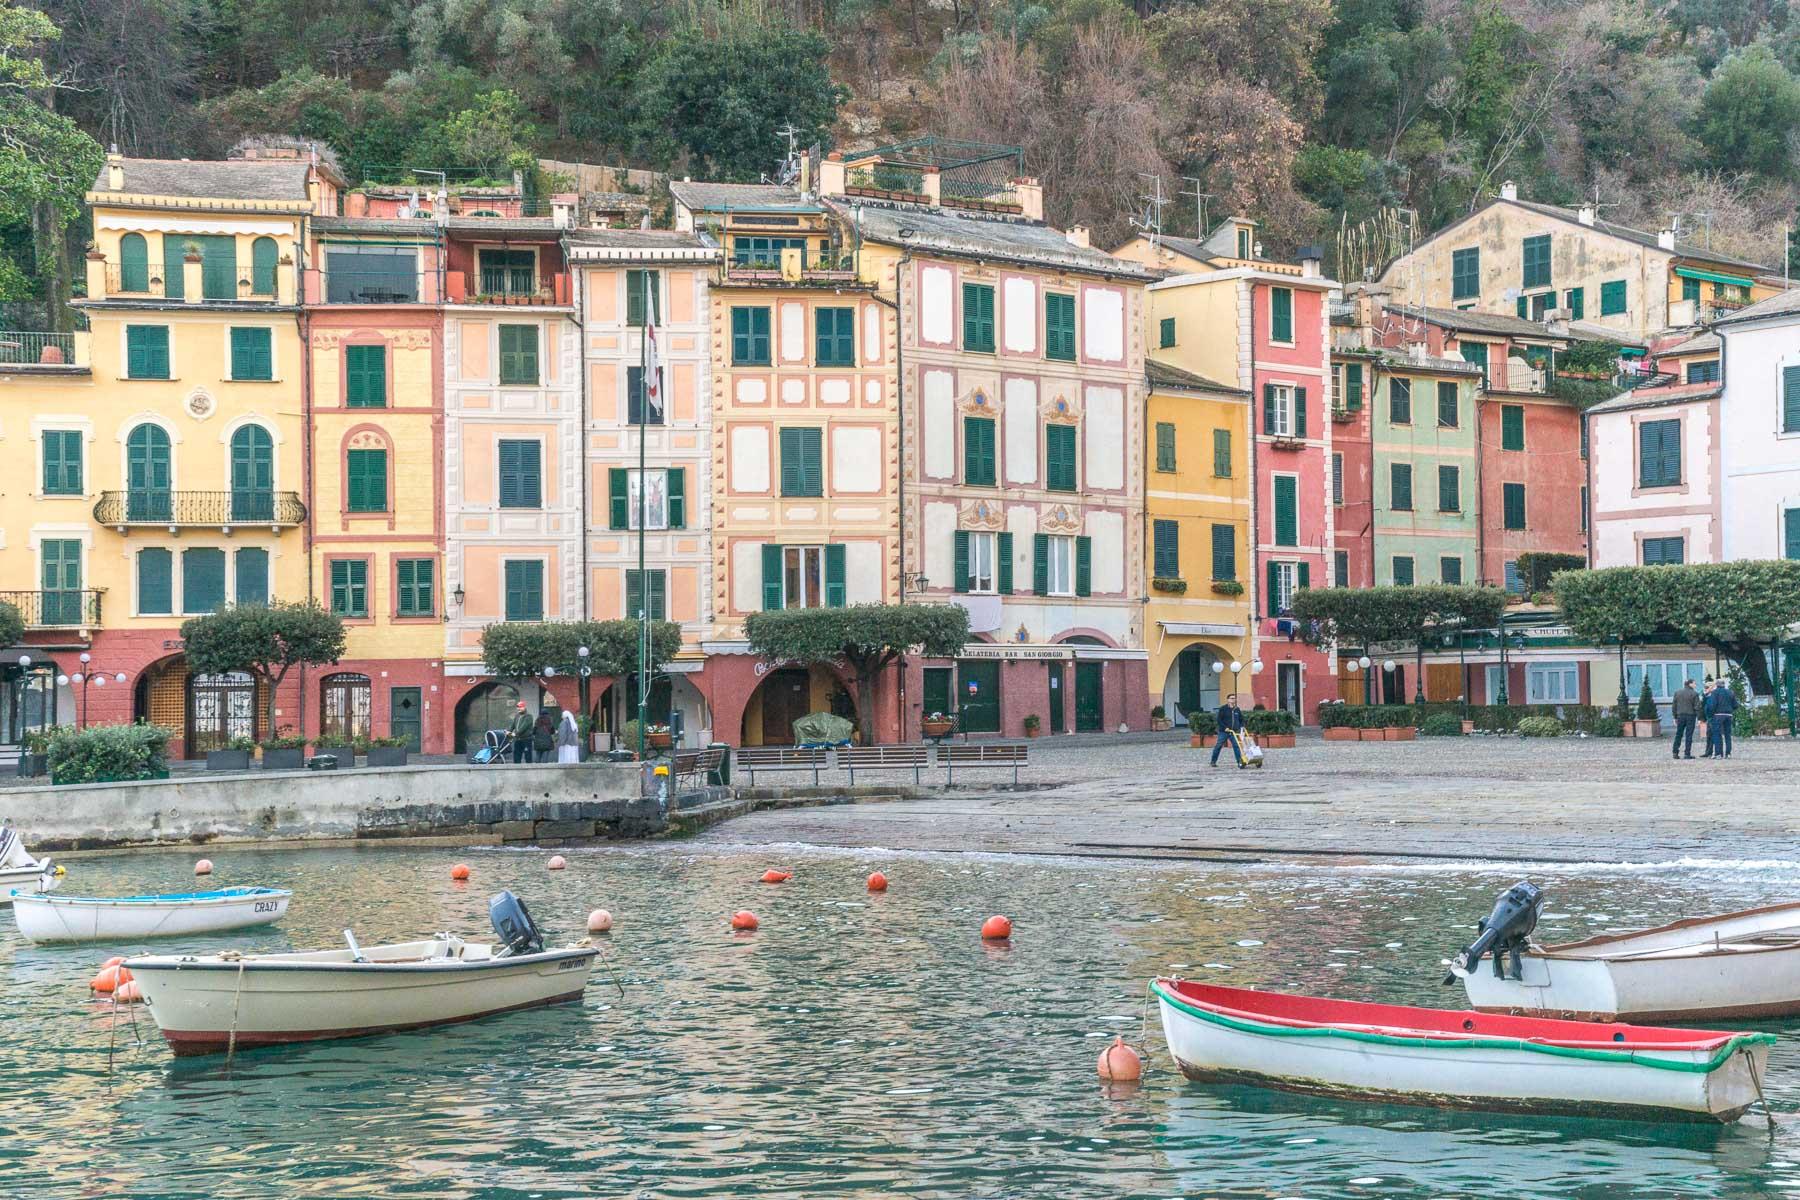 Attico in Vendita a Portofino: 5 locali, 173 mq - Foto 15